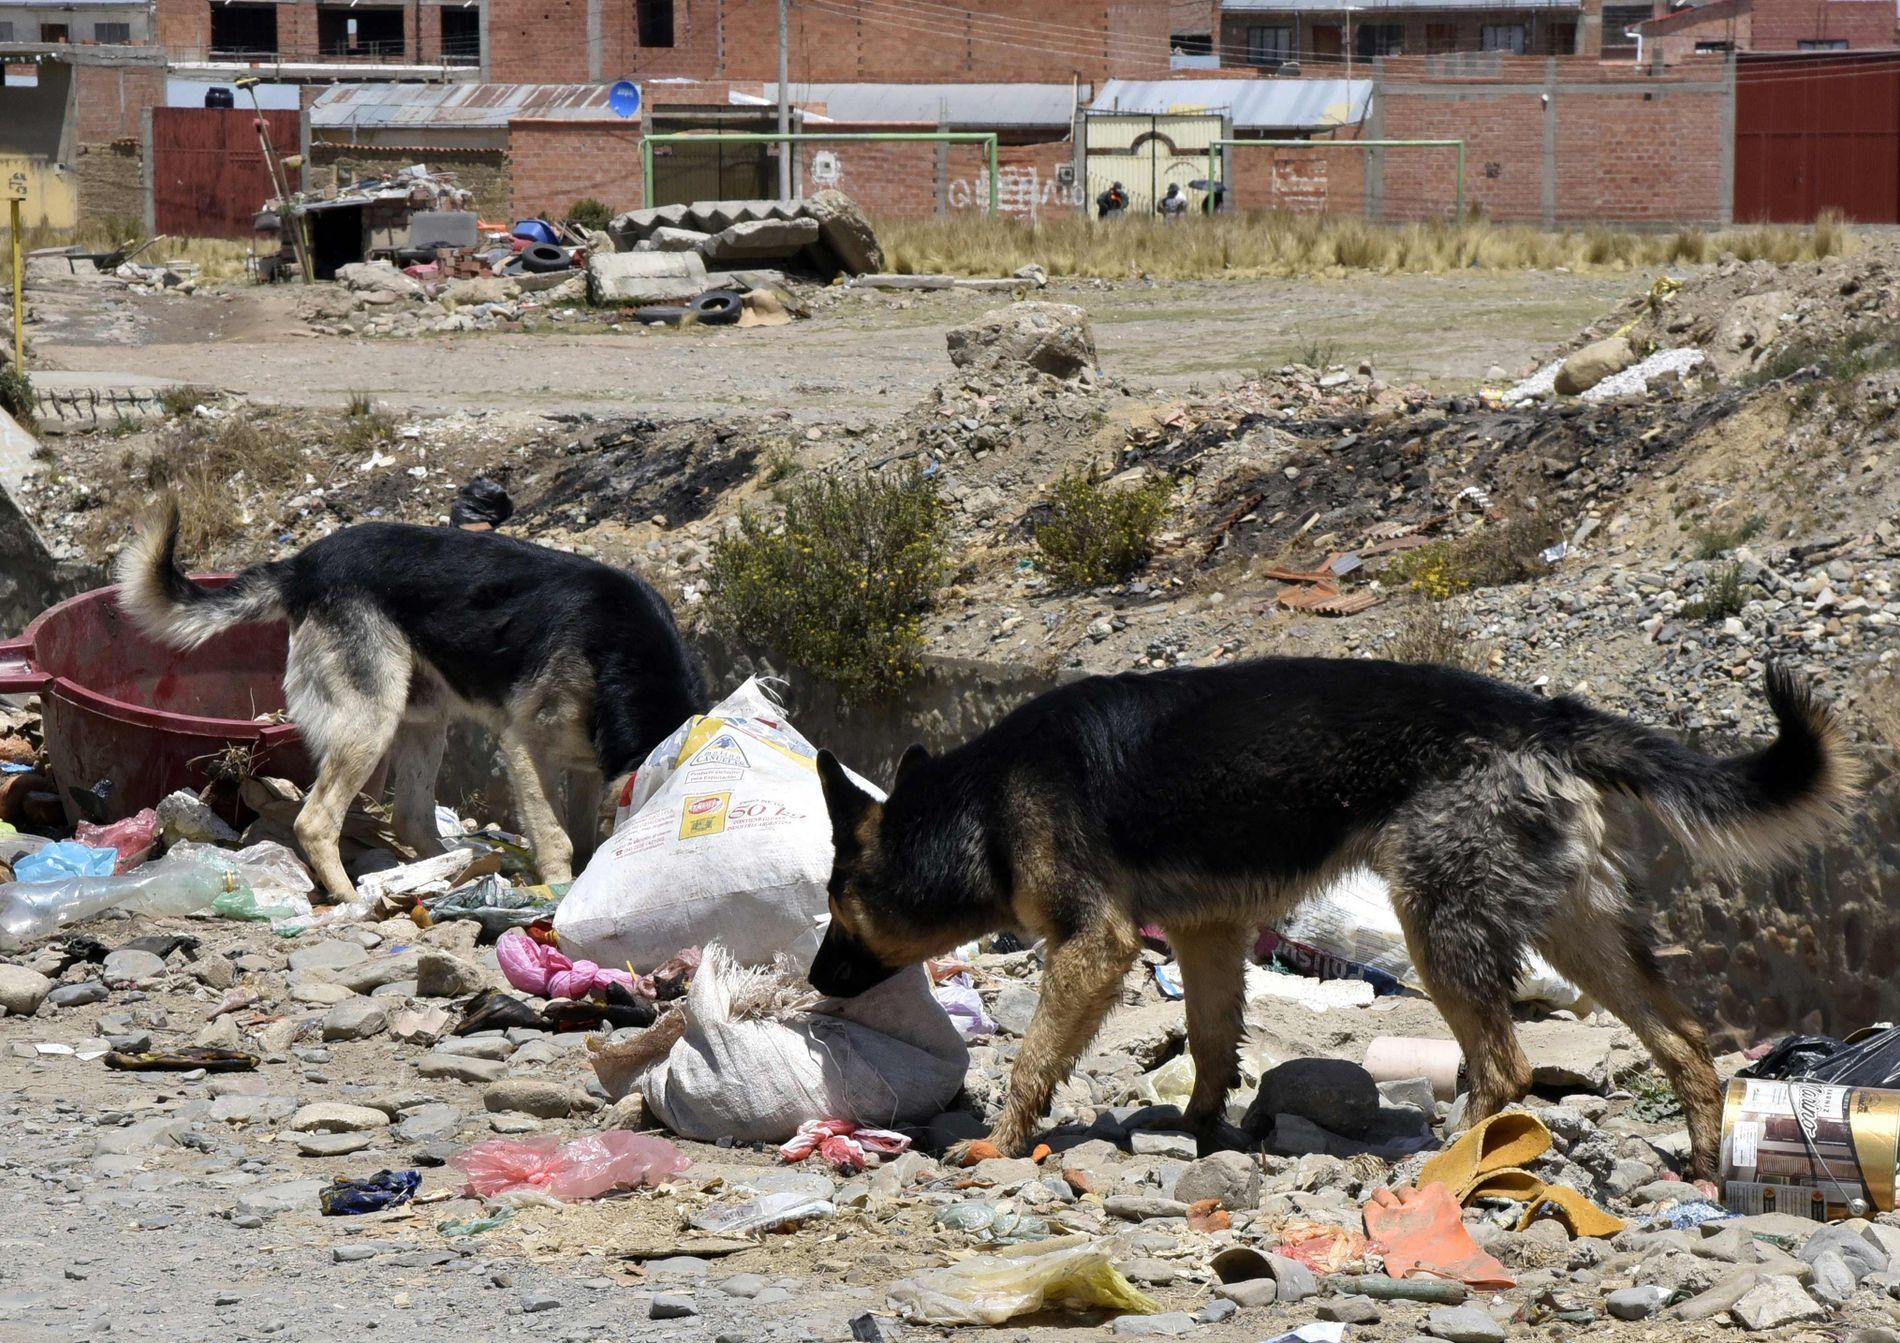 LØSHUNDER: To schaferhunder i La Paz i Bolivia, et land hvor rabies iblant dukker opp.